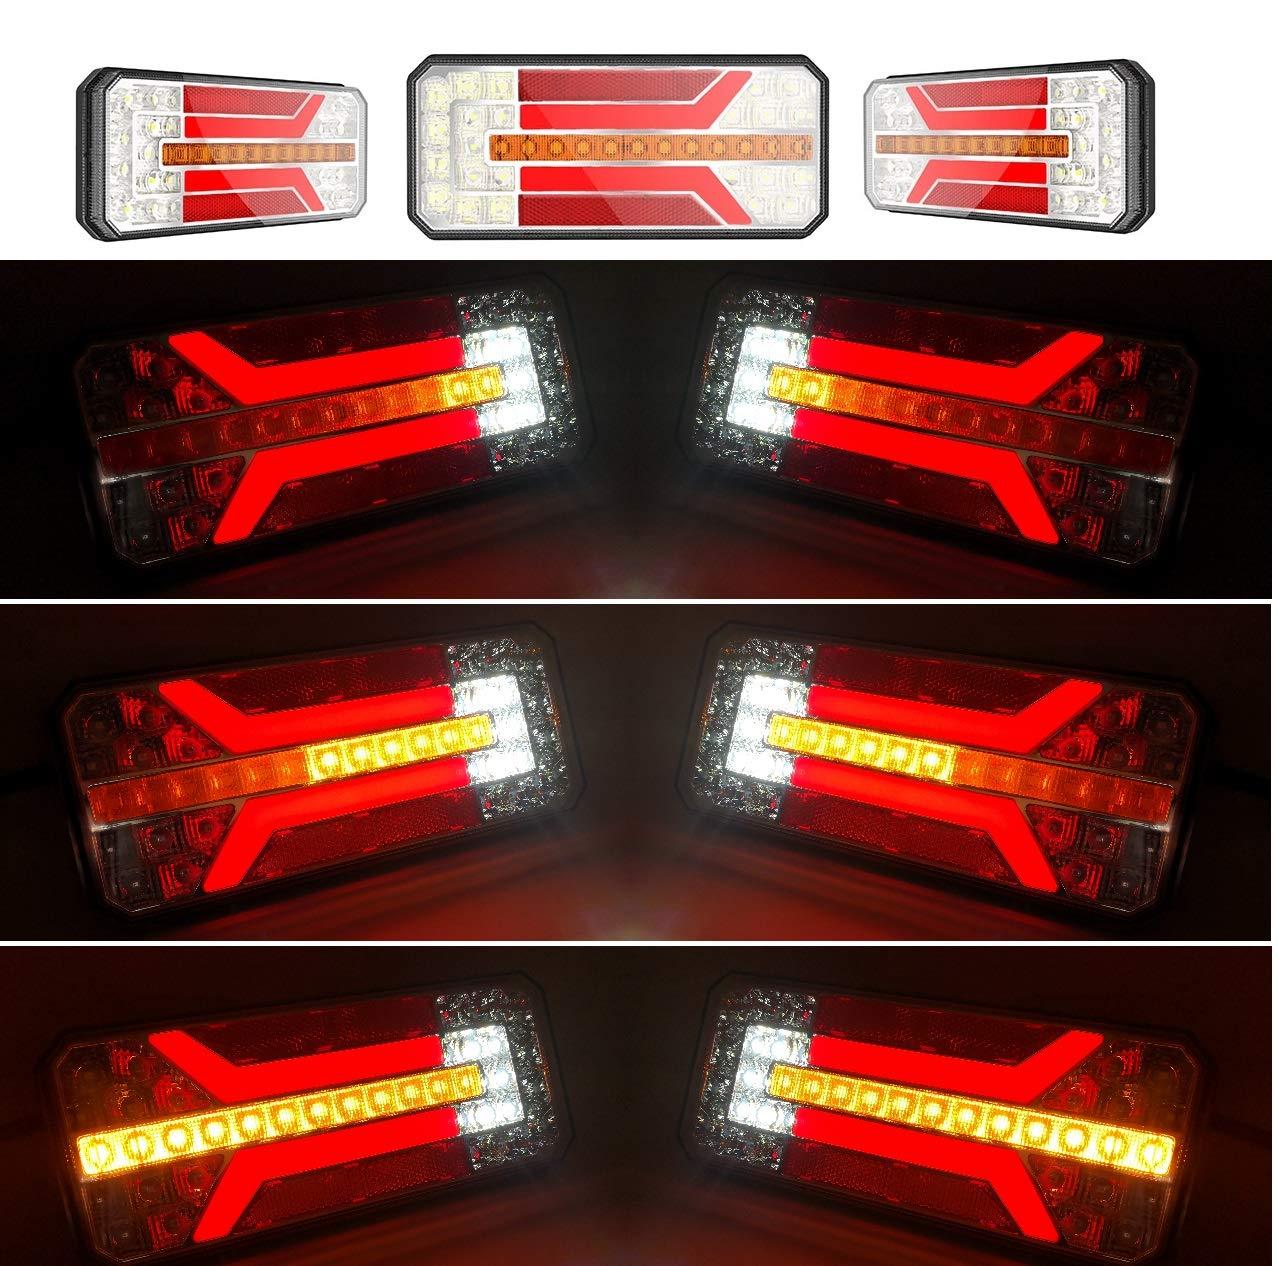 KIT 2 PILOTOS LED NEON 6 FUNCIONES CON LUZ INTERMITETNE DINAMICO 12V 24V CAMION REMOLQUE